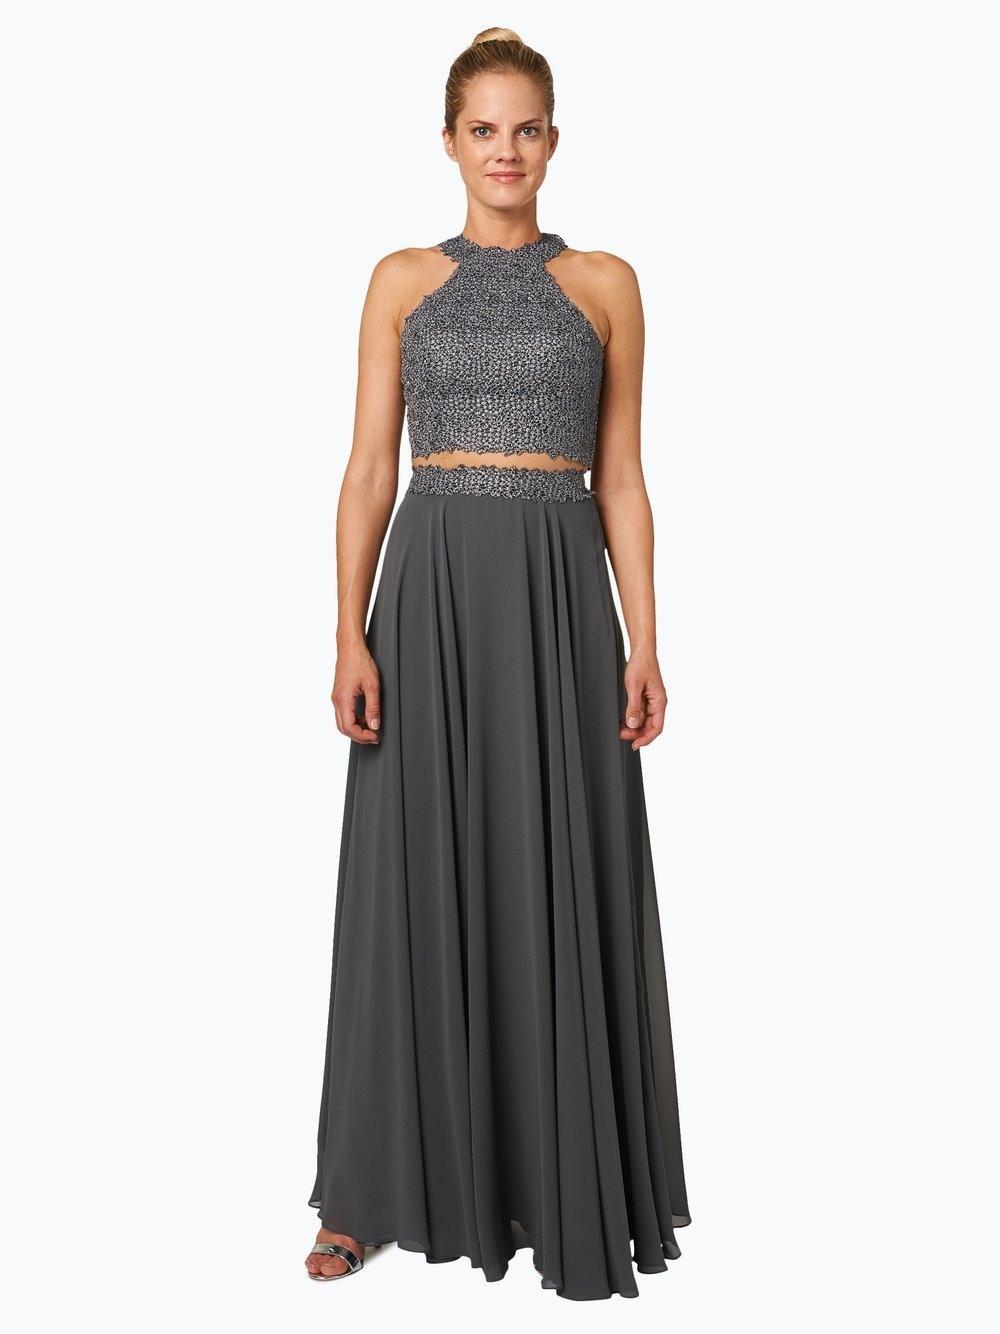 Designer Top Langes Abendkleid Kreuzworträtsel Boutique10 Schön Langes Abendkleid Kreuzworträtsel Design